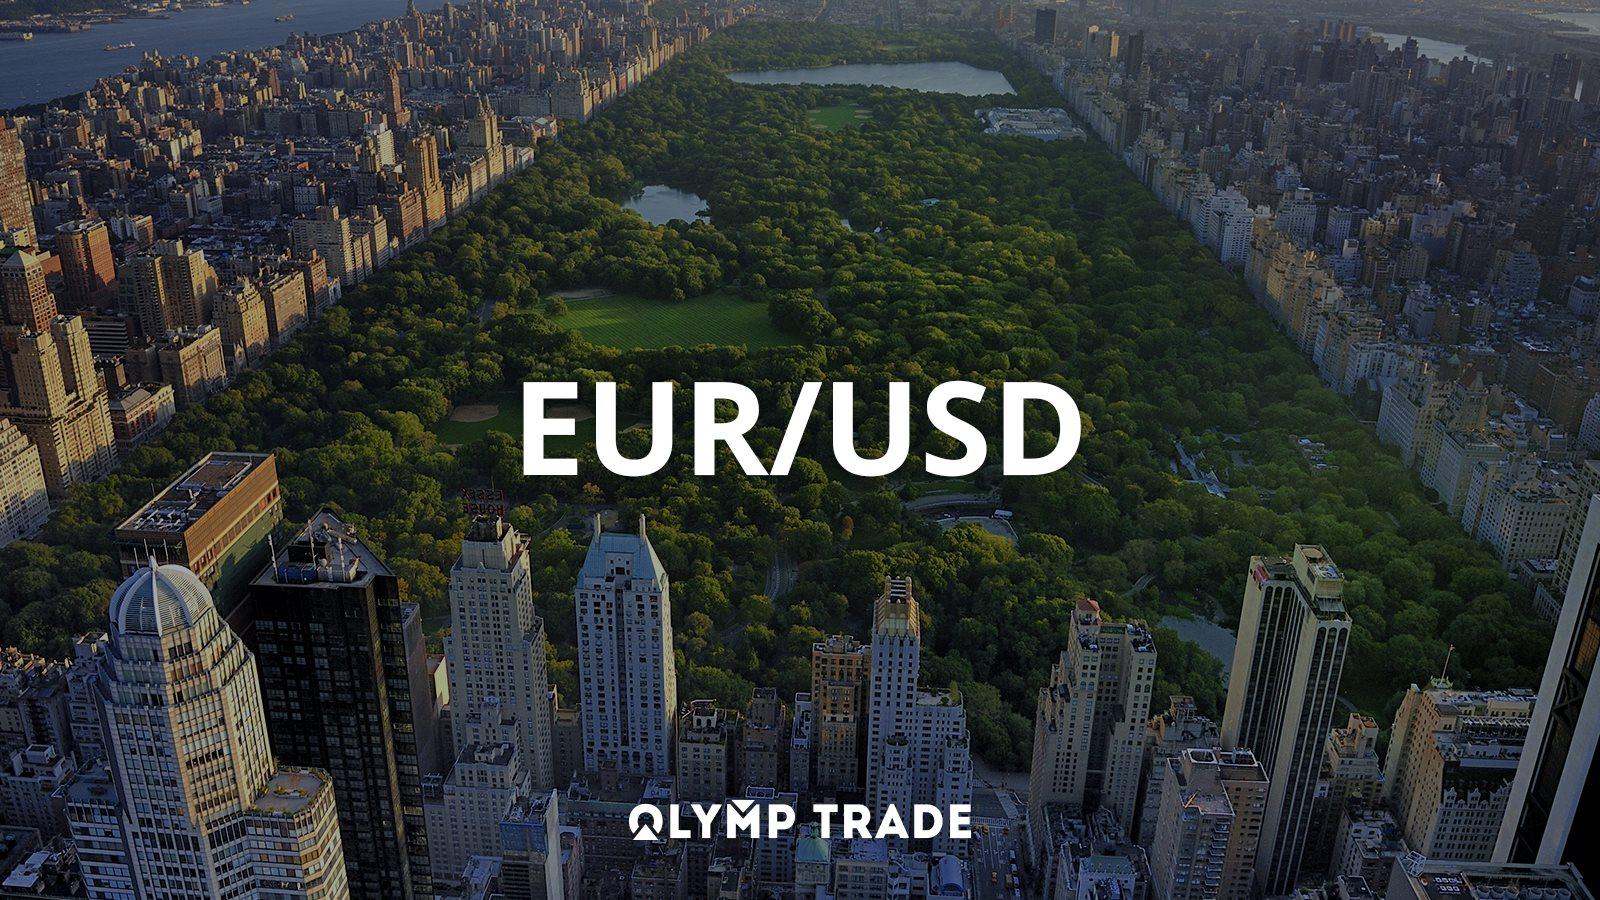 Cặp tiền mà sàn Olymp Trade chọn để giao dịch